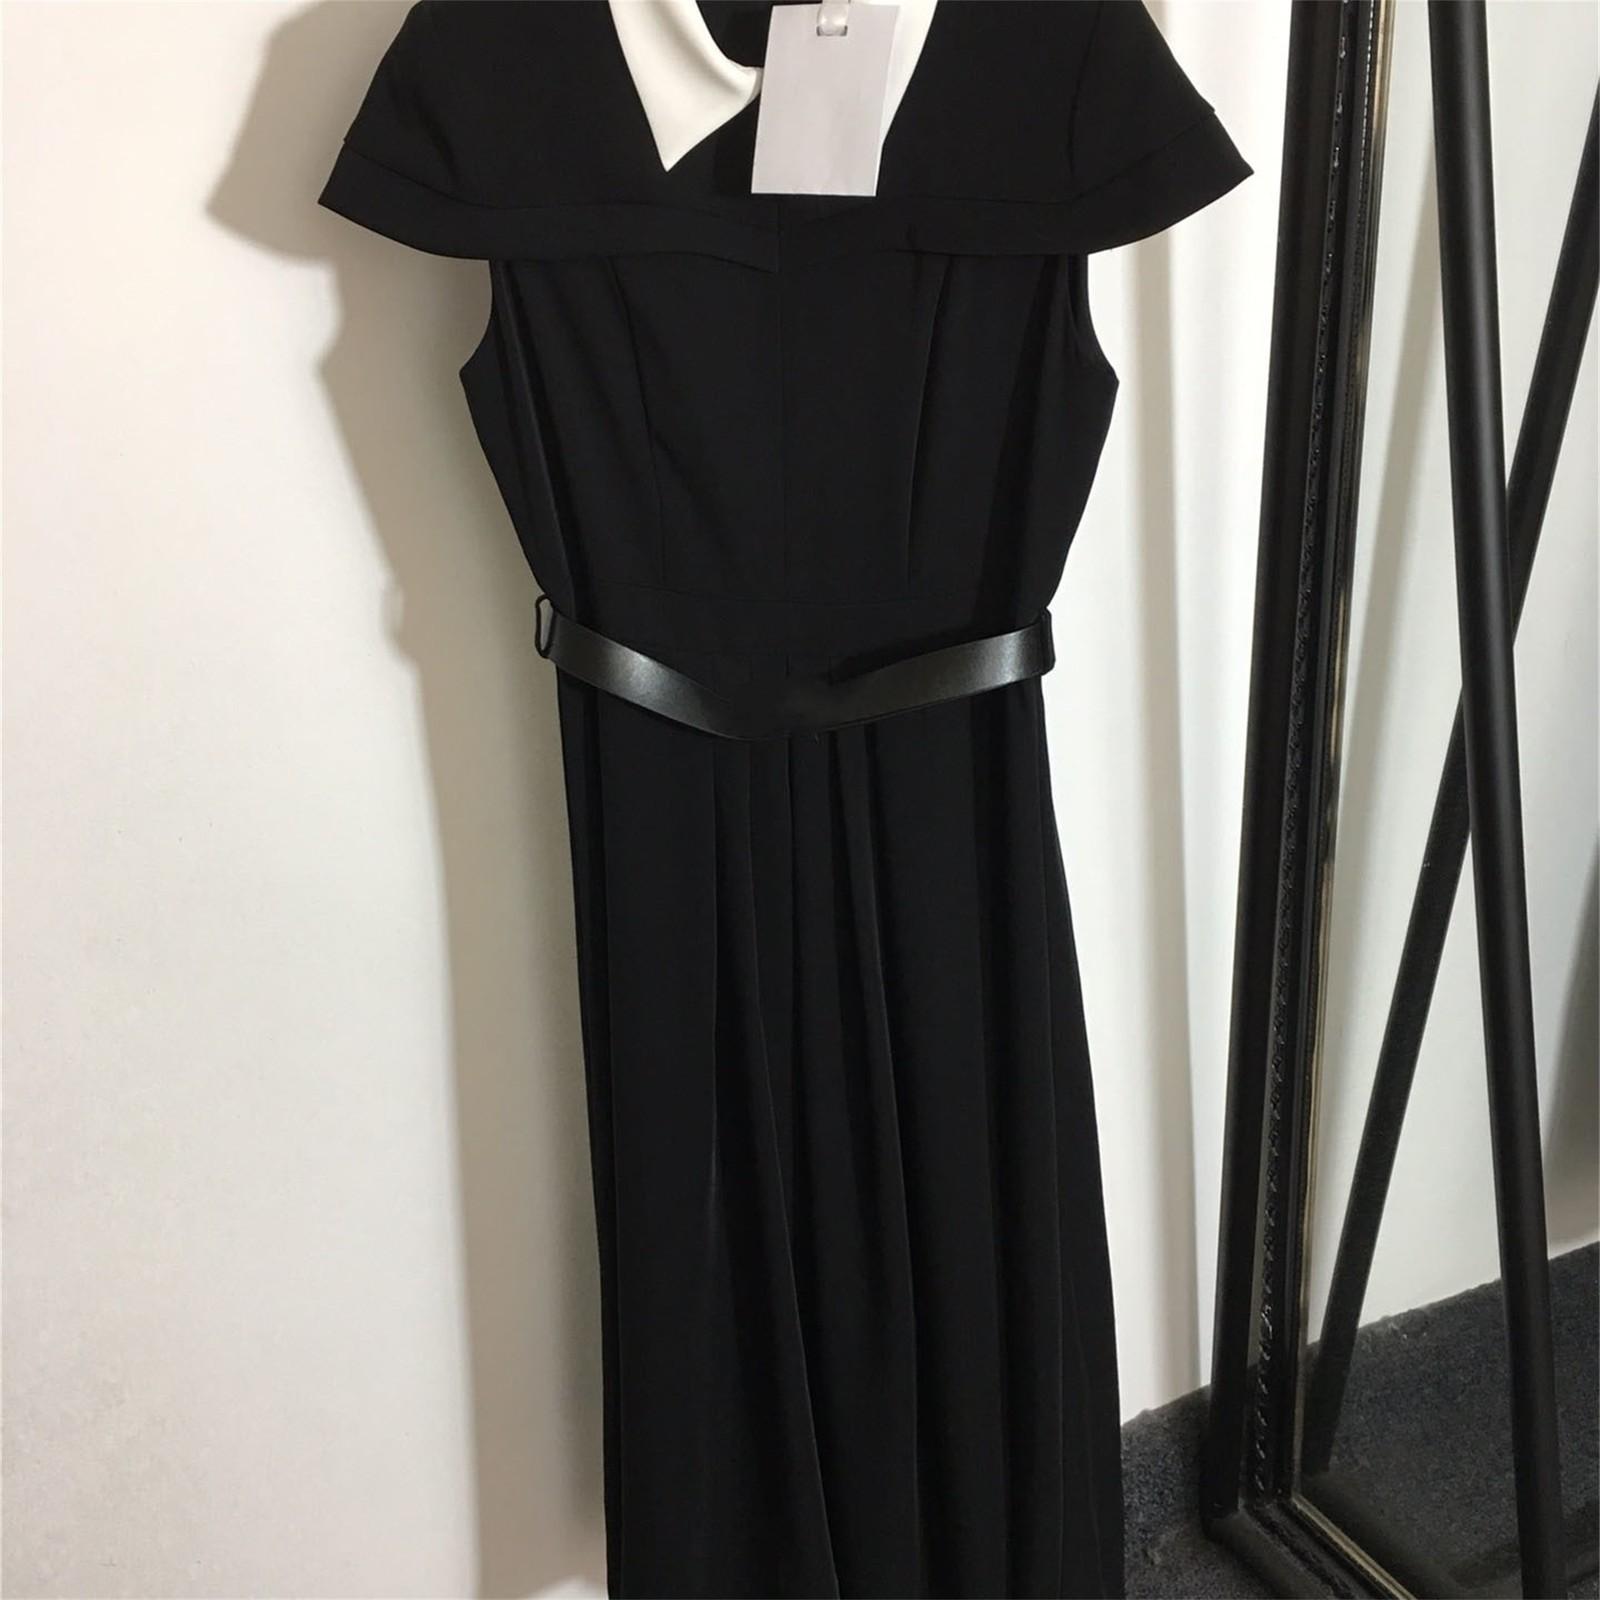 2021 летние новые модные бренды женские платья ткани удобны и подходят для знаменитостей